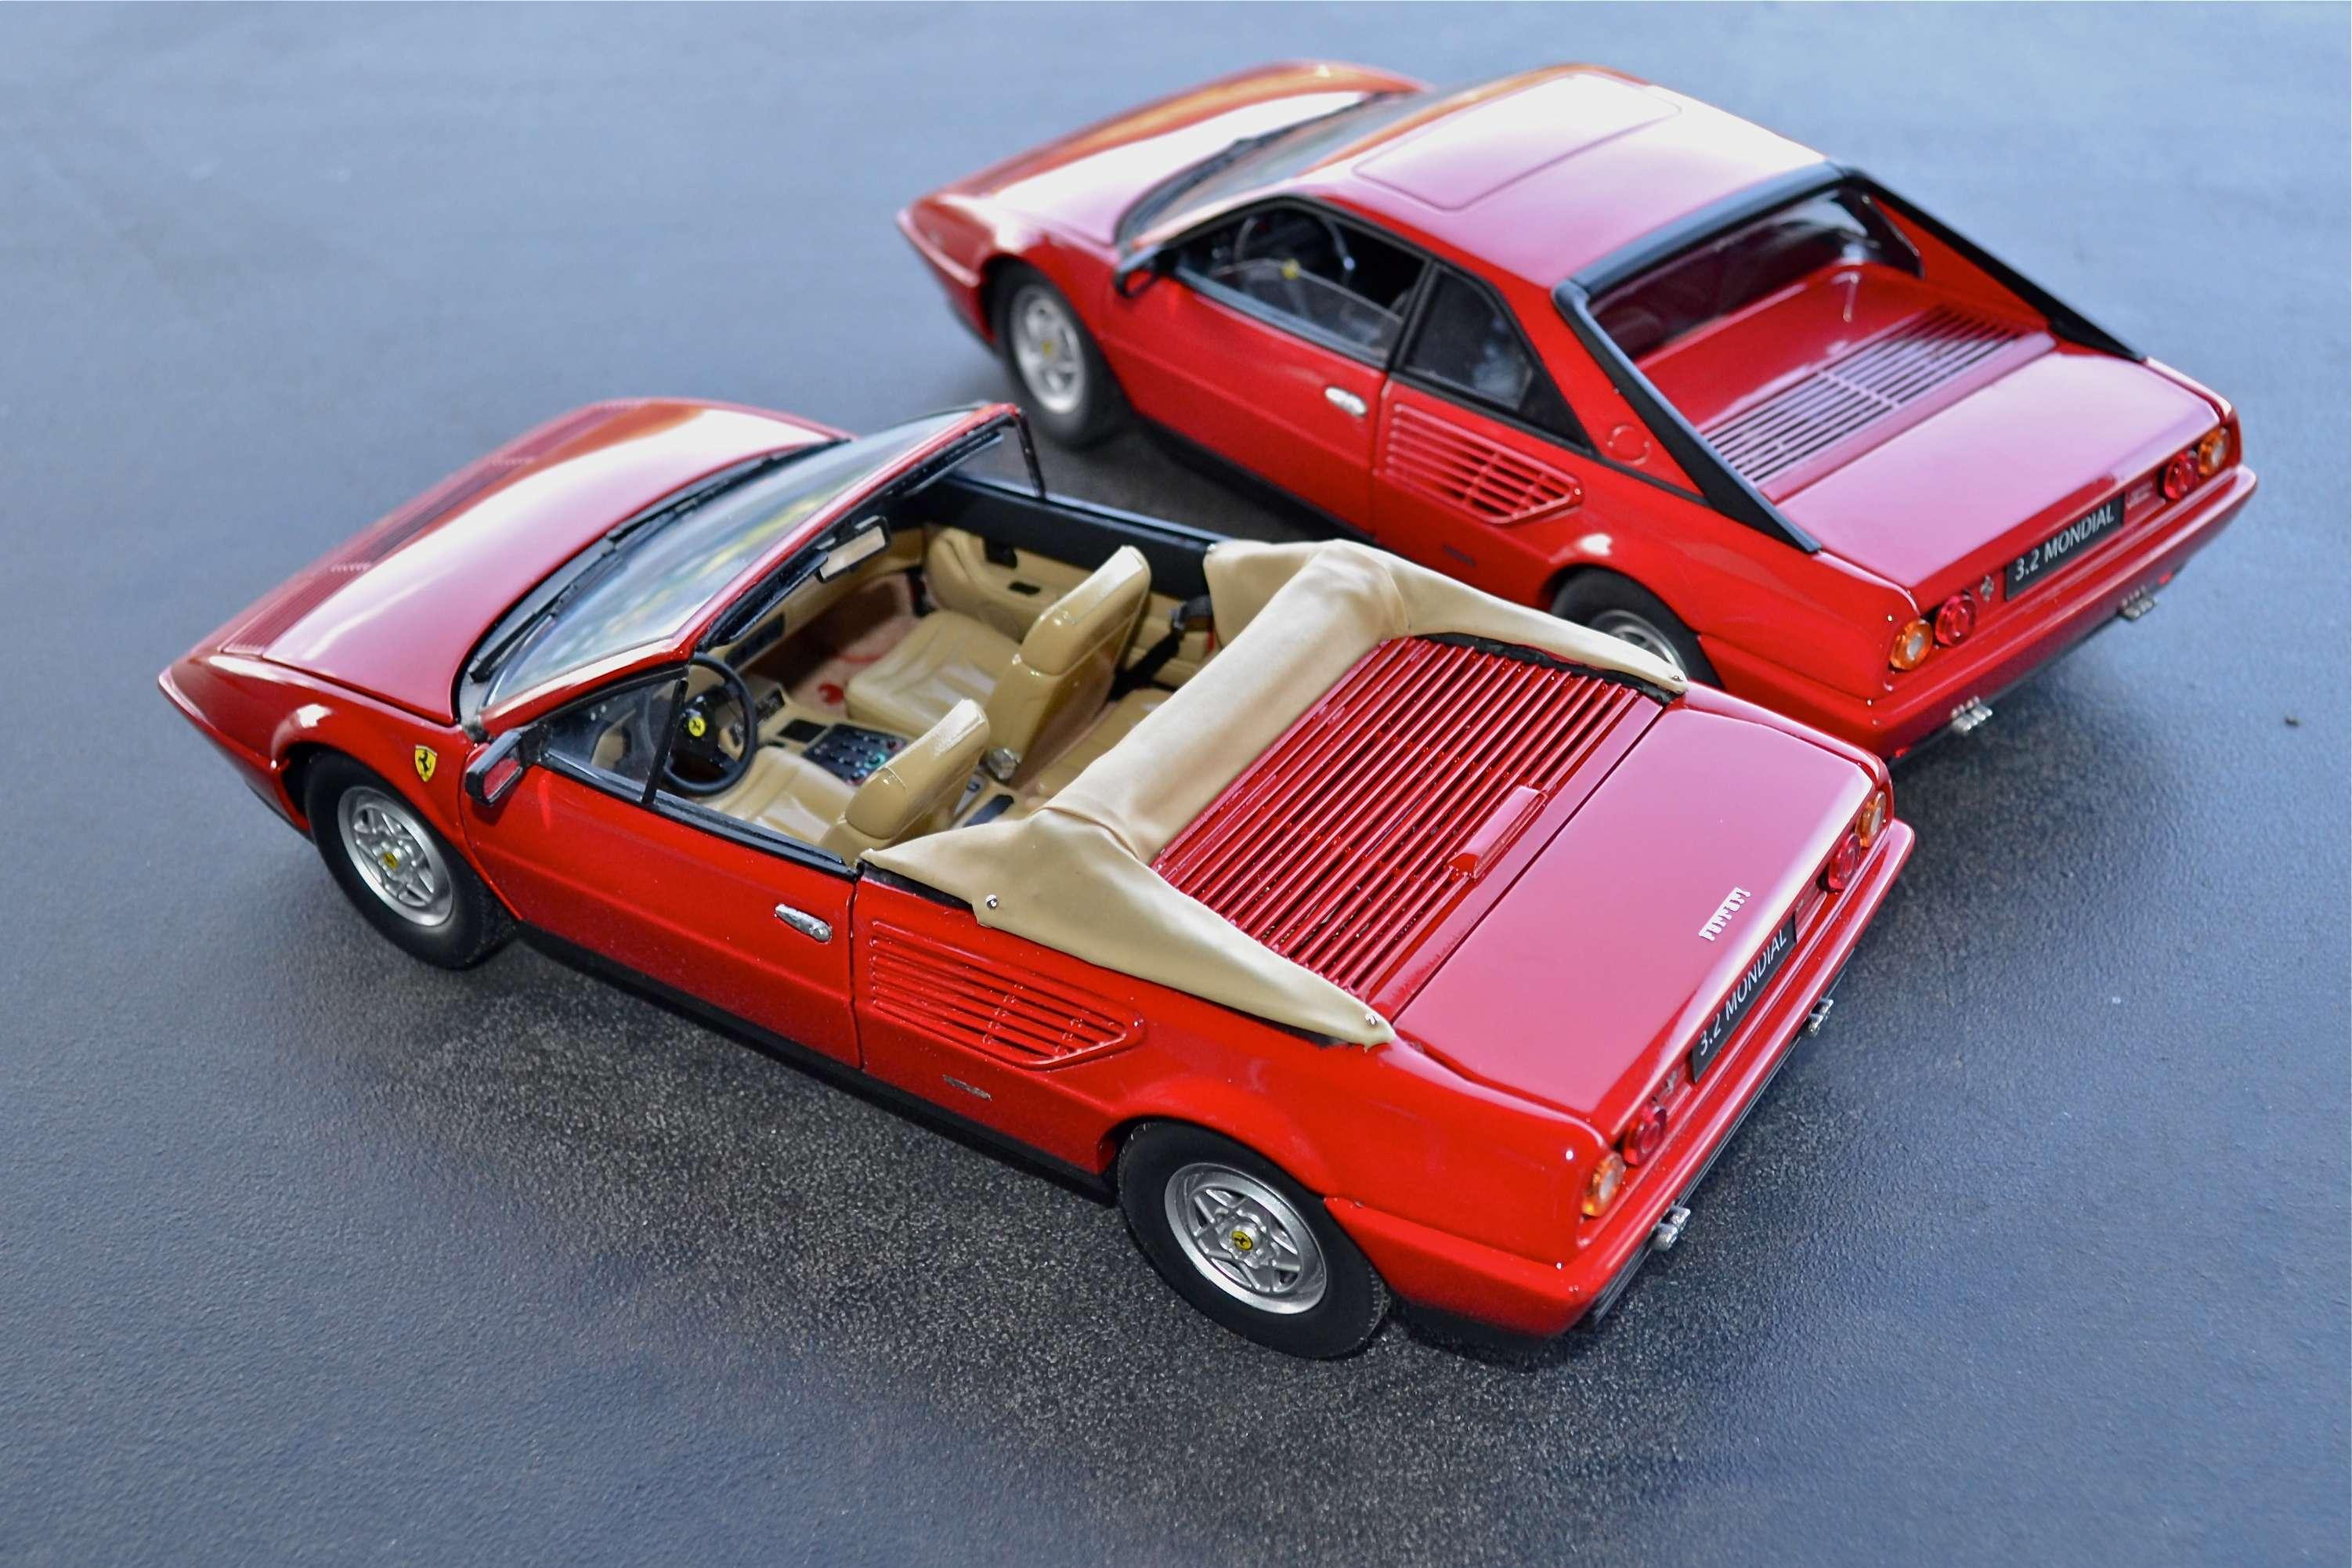 dsc1187n Fabulous Ferrari Mondial 8 Super Elite Cars Trend